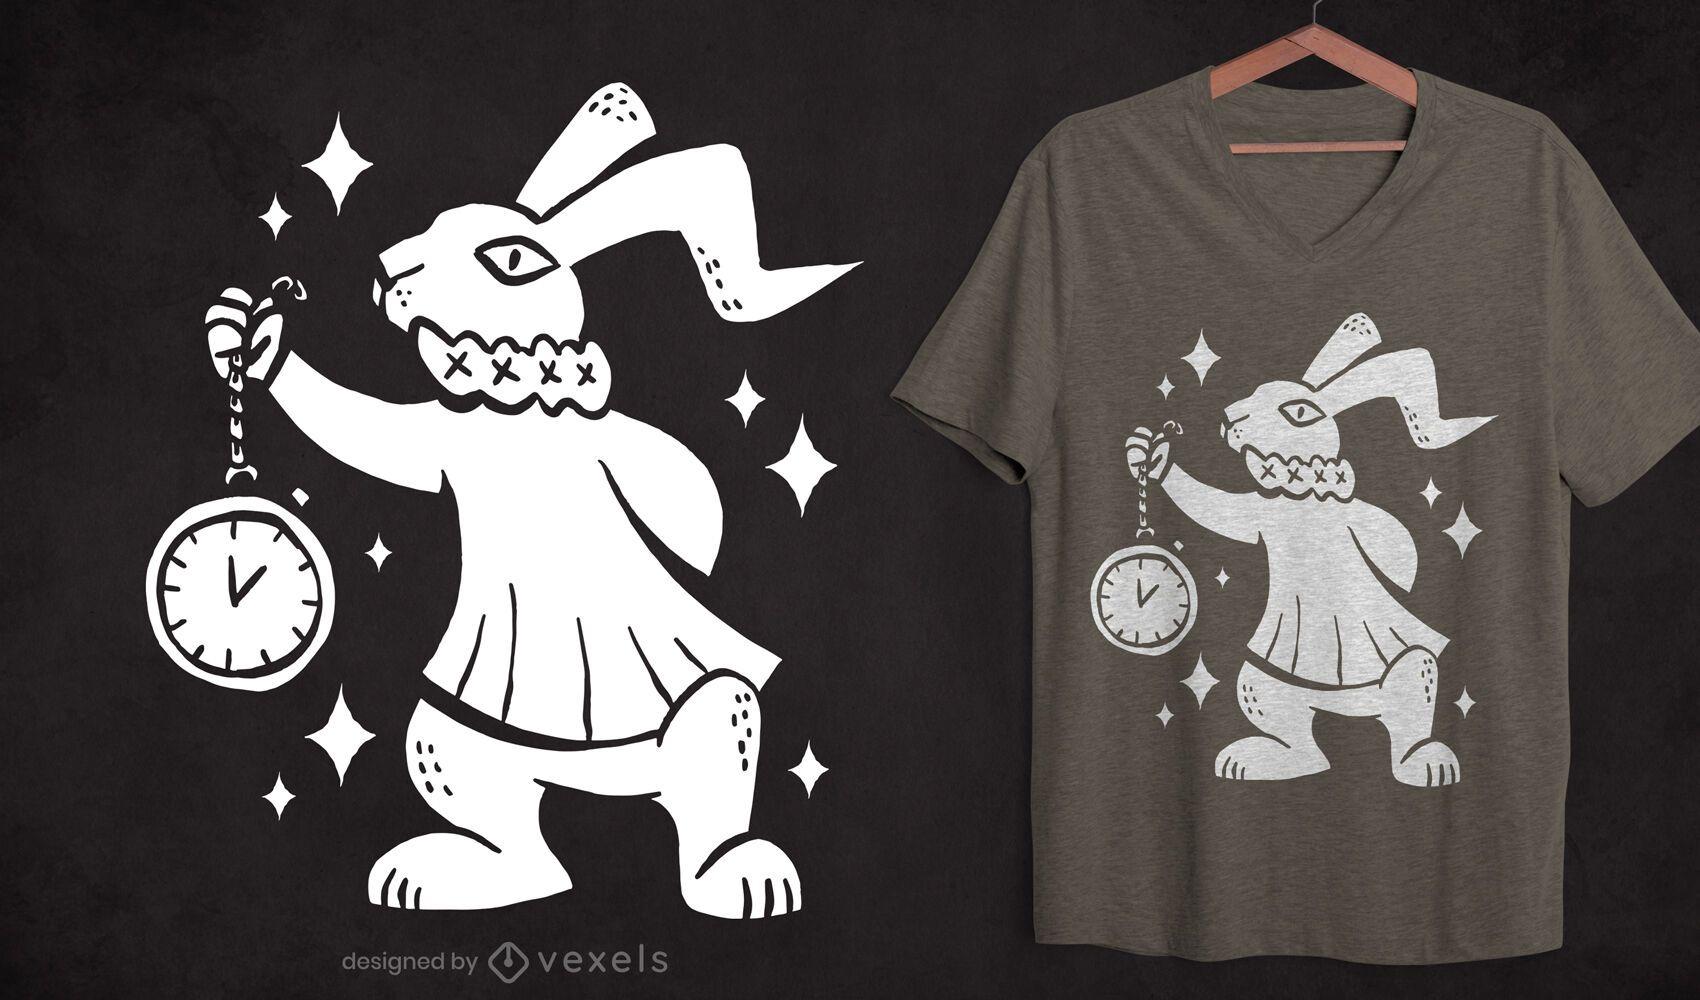 Dise?o de camiseta con recorte de conejo